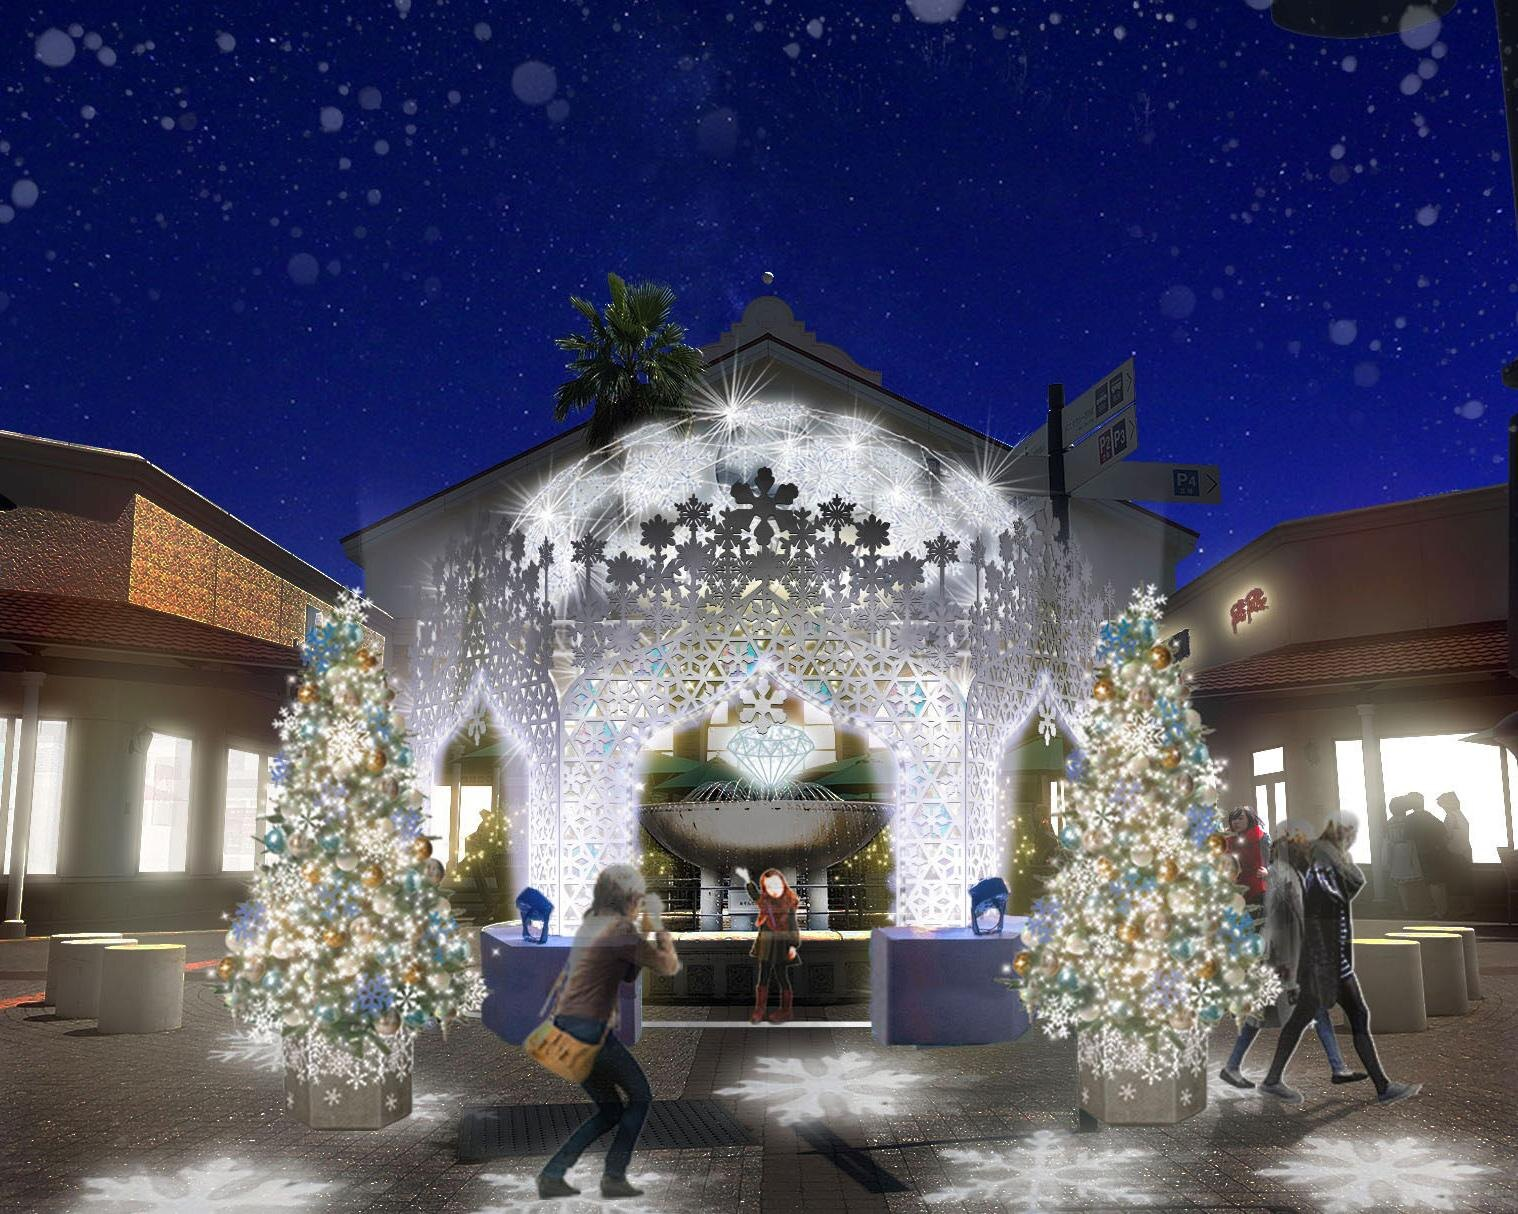 フォトジェニックな「雪の宮殿」が登場、佐賀県鳥栖市の鳥栖プレミアム・アウトレットで「ウインターイルミネーション」開催